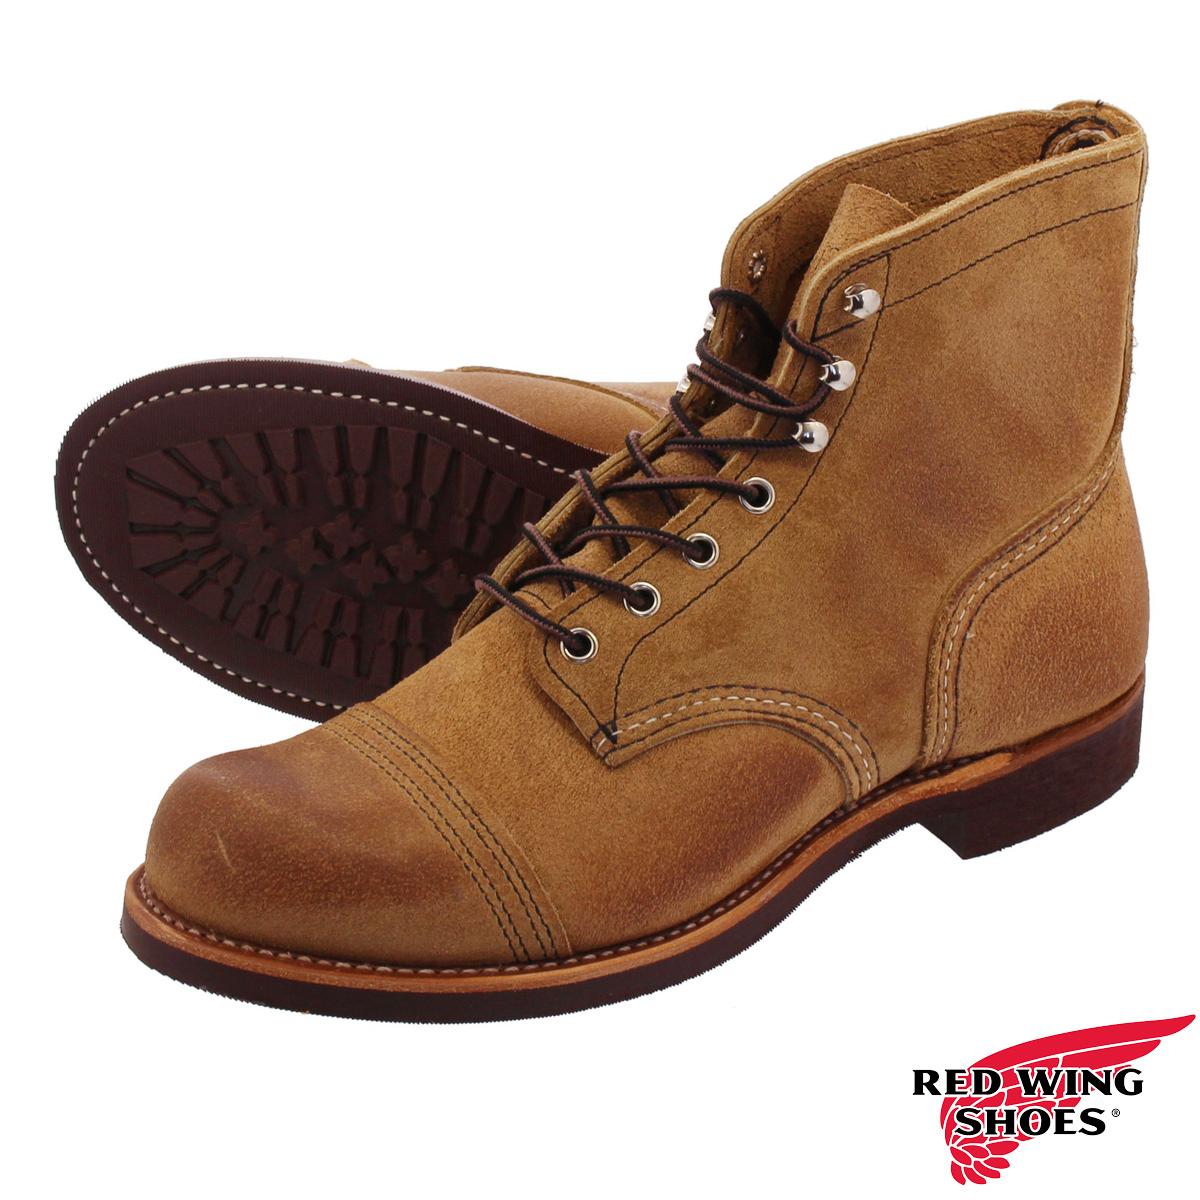 RED WING 6 INCH IRON RANGE BOOT 【Dワイズ】 レッドウィング 6 インチ アイアンレンジ ブーツ HAWTHORNE MULESKINNER rw-8083